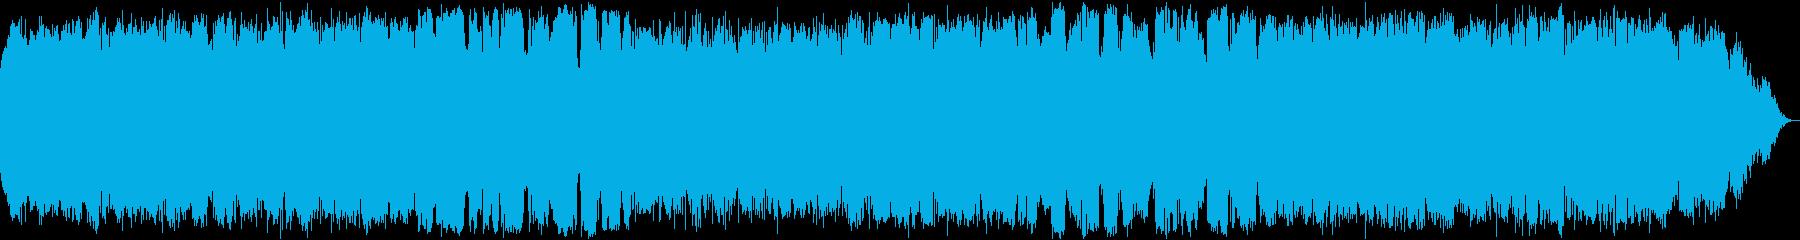 自然の音色のヒーリング音楽の再生済みの波形